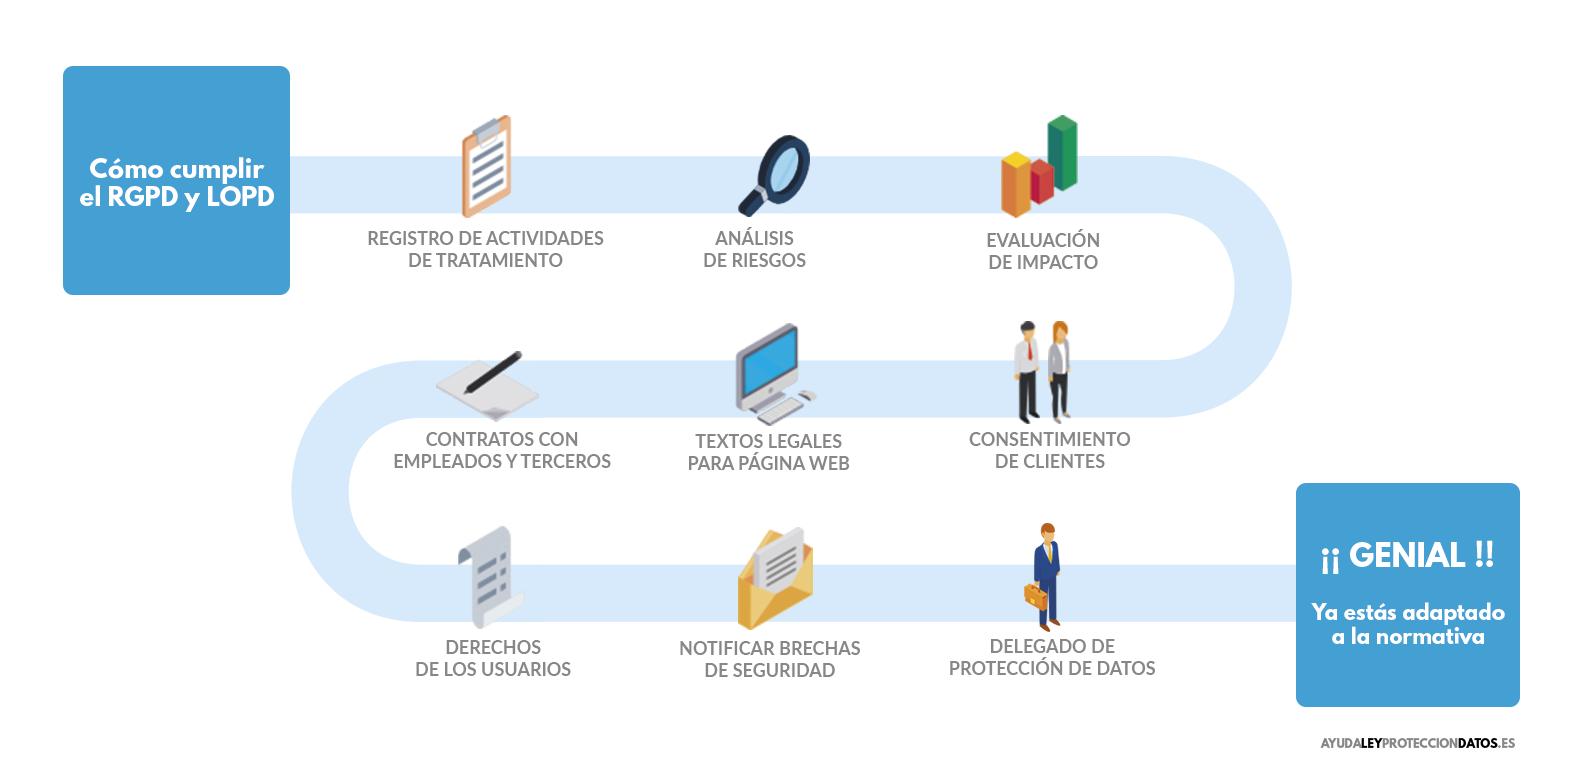 como cumplir la ley de proteccion de datos y el reglamento general de proteccion de datos en los despachos de abogados